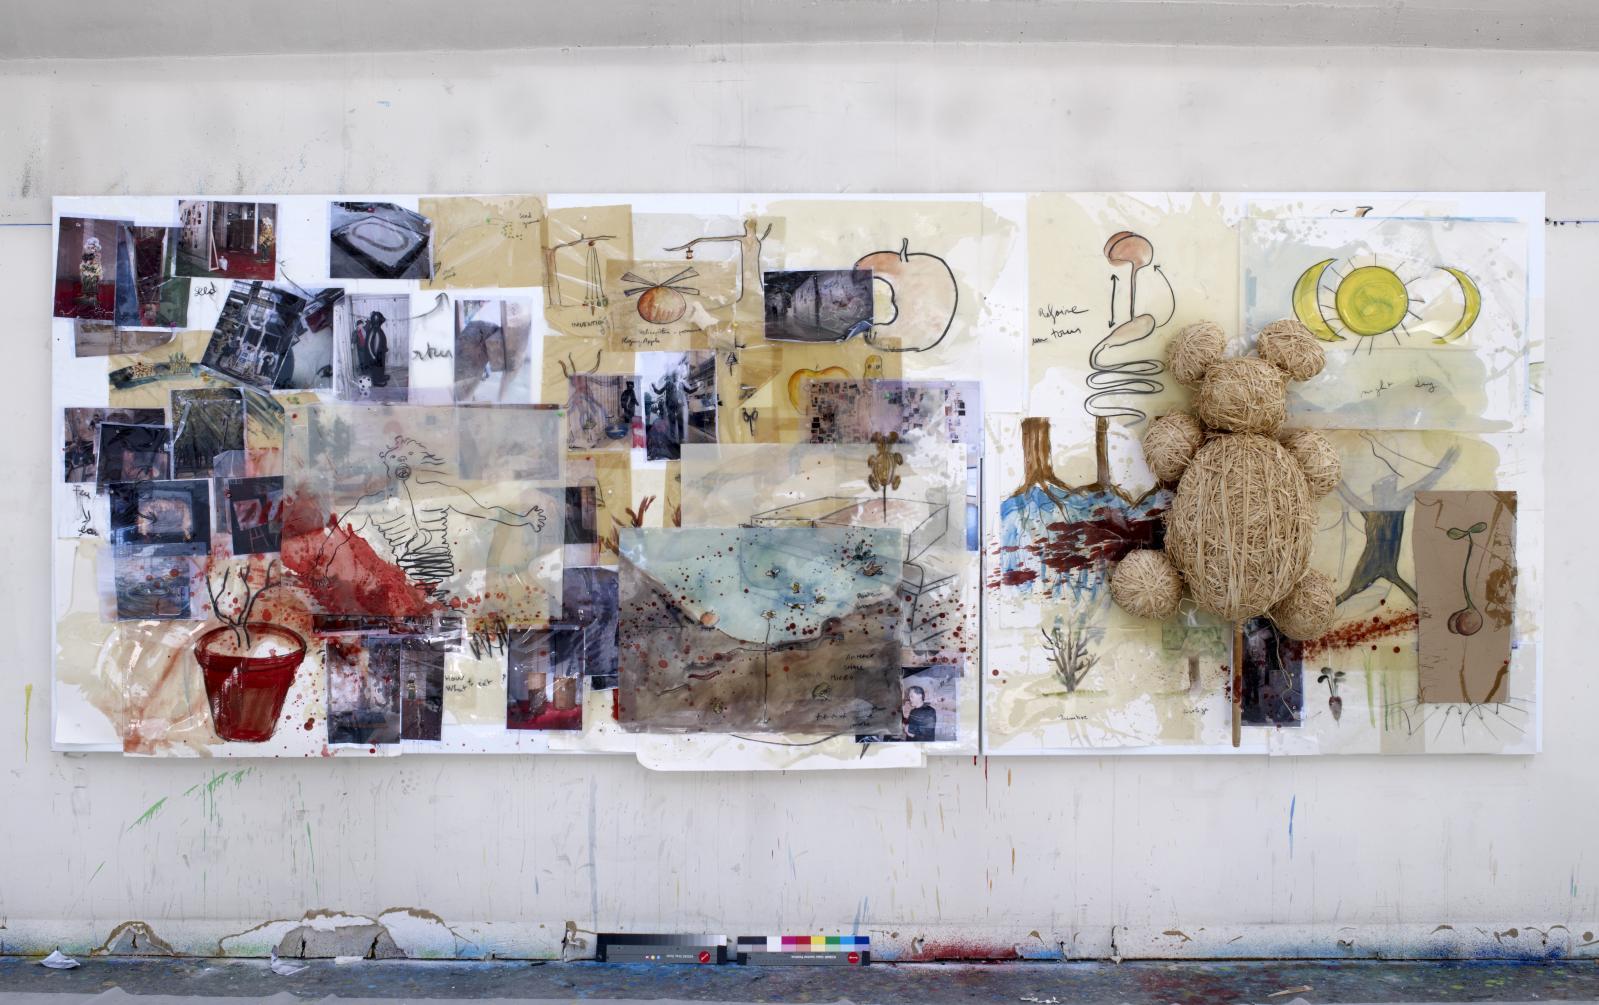 Peinture homéopathique no27 (Je s'aime), 2008, aquarelle, fusain, résine époxy, peinture à l'huile, papier collé, photographie, colle de peau de lapi